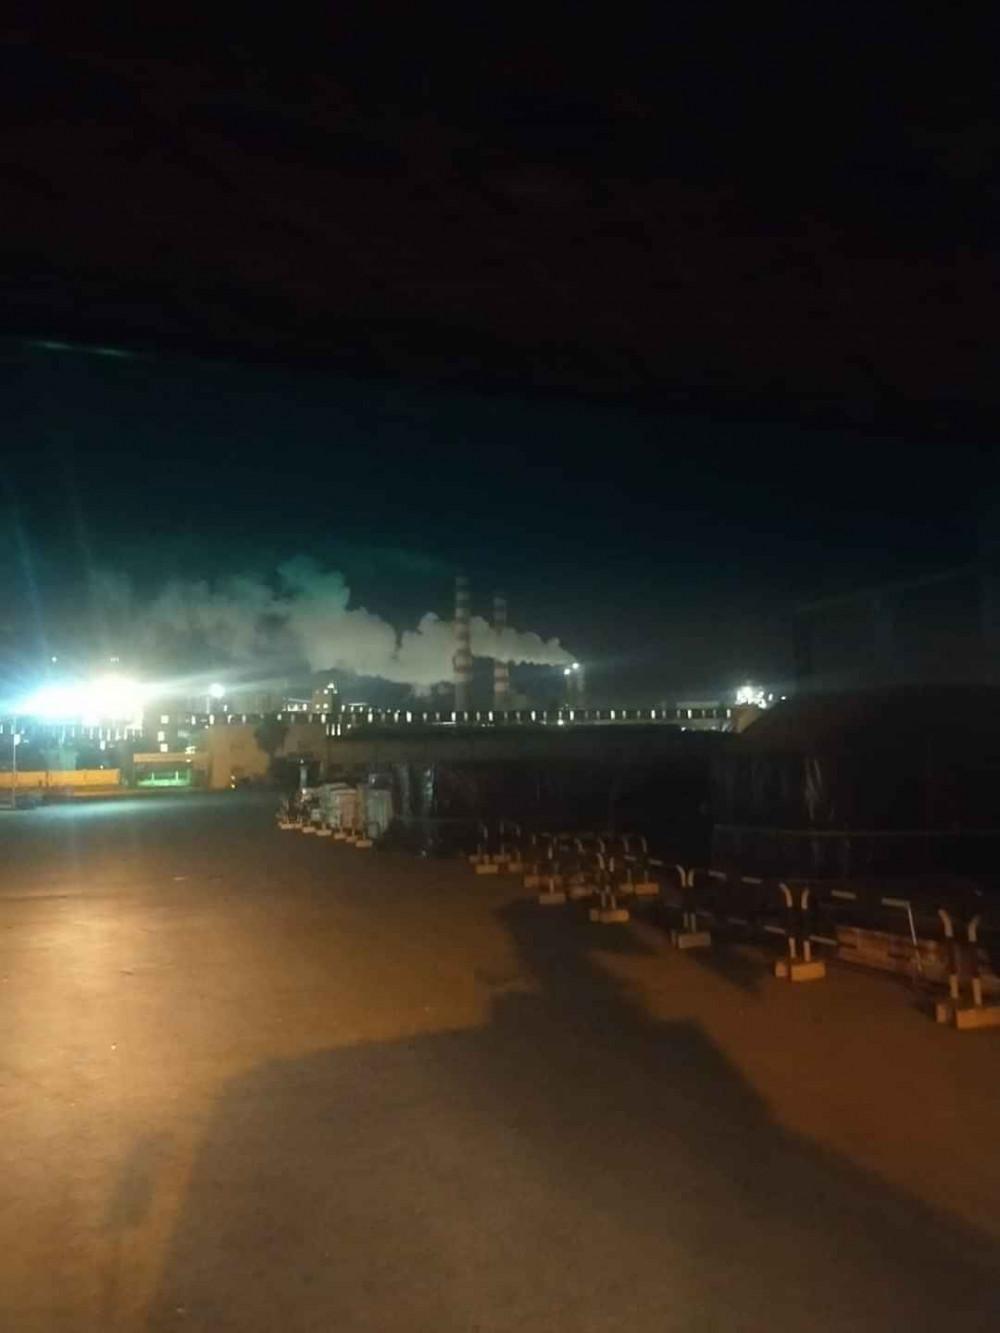 Hình ảnh tại khu sản xuất của Hòa Phát Dung Quất do người dân địa phương ghi lại